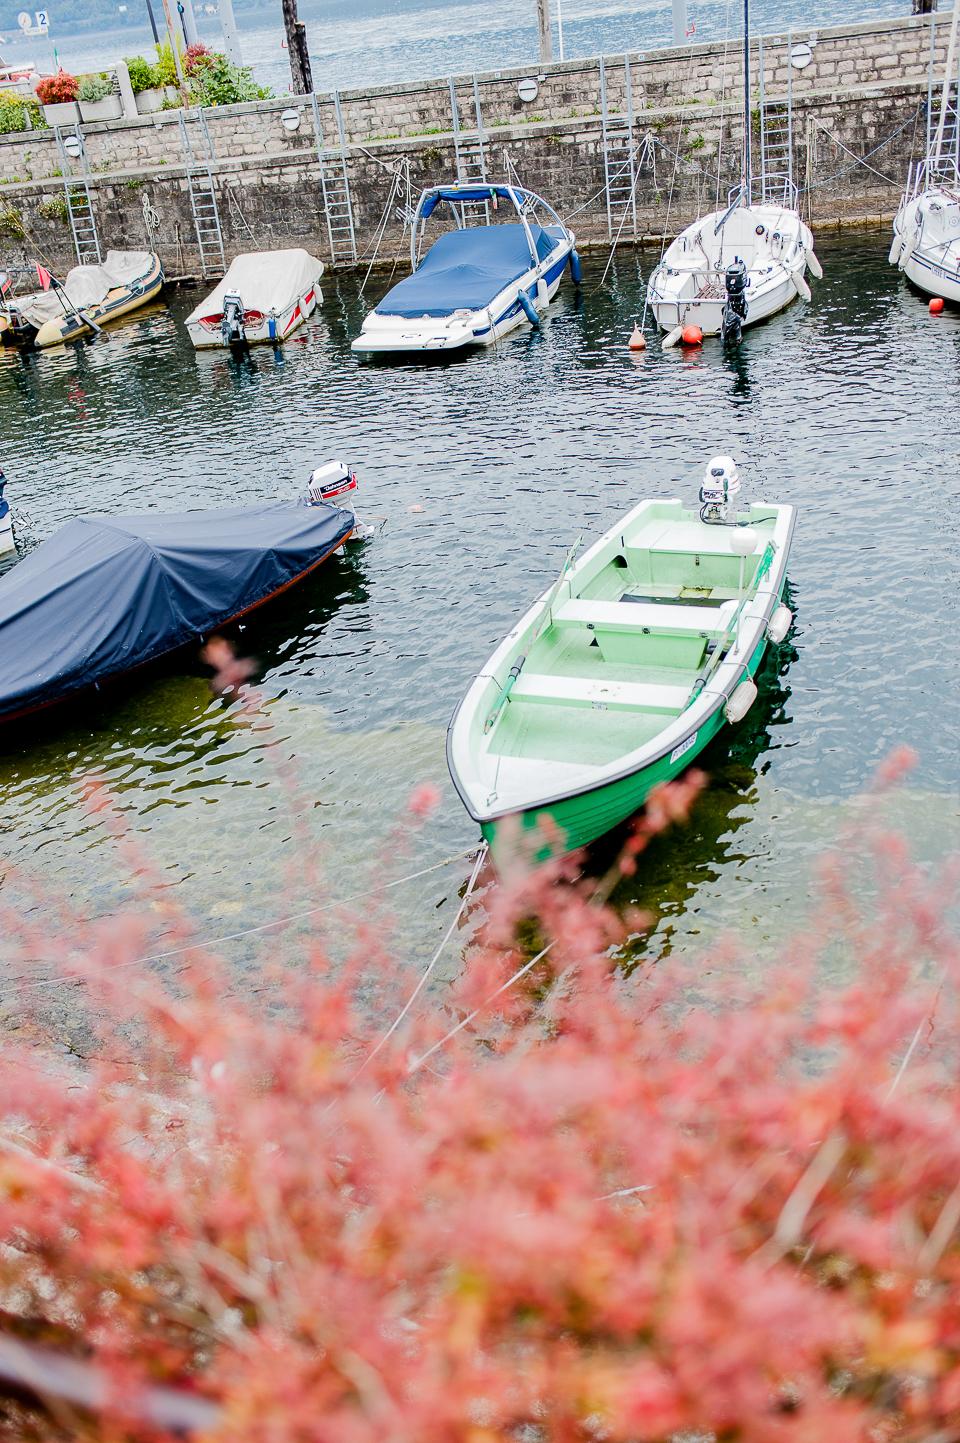 VanessaBaduraFotografie_Lago Maggiore-16-1.jpg